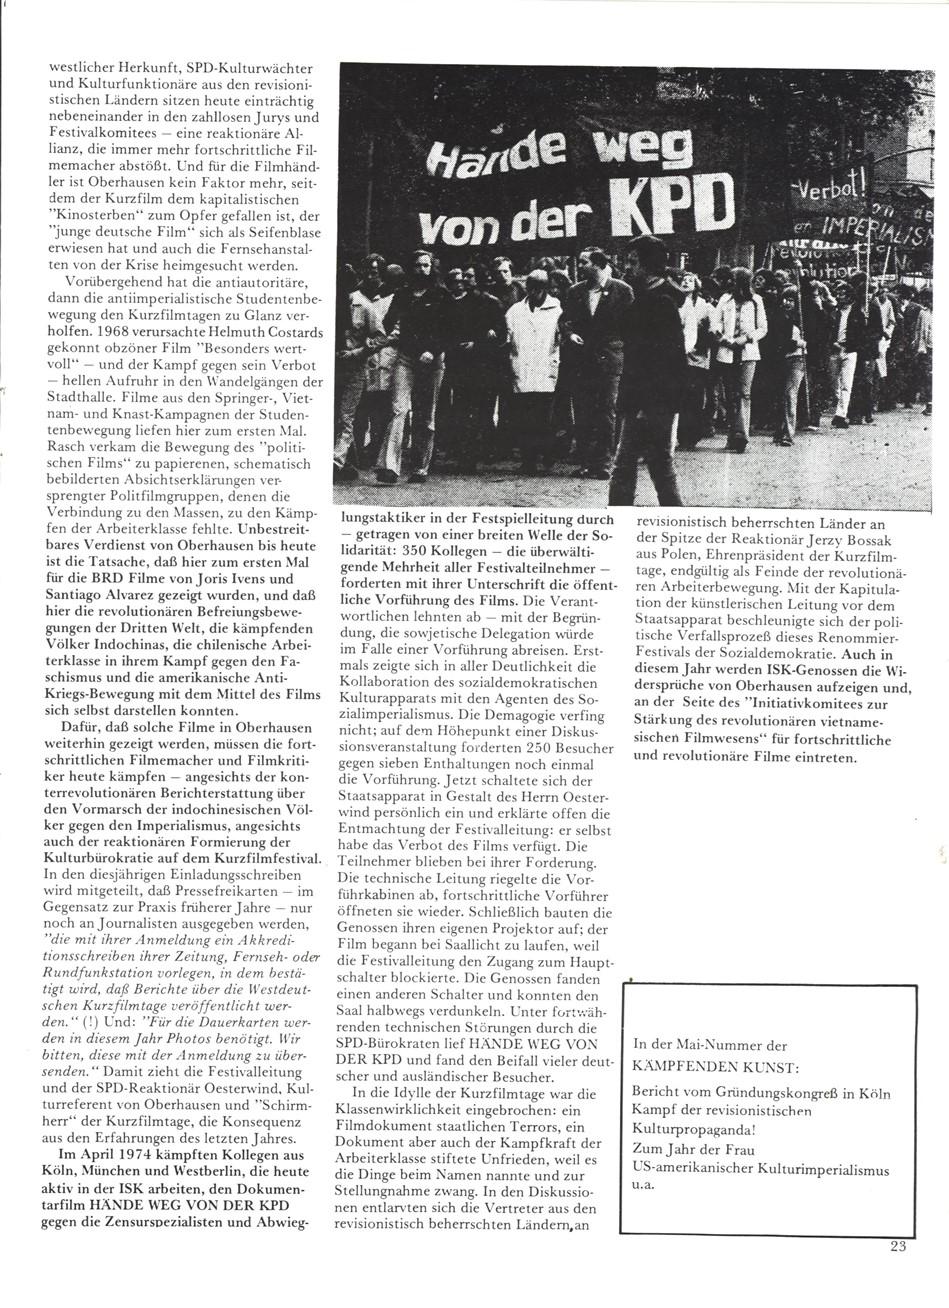 VSK_Kaempfende_Kunst_19750400_23